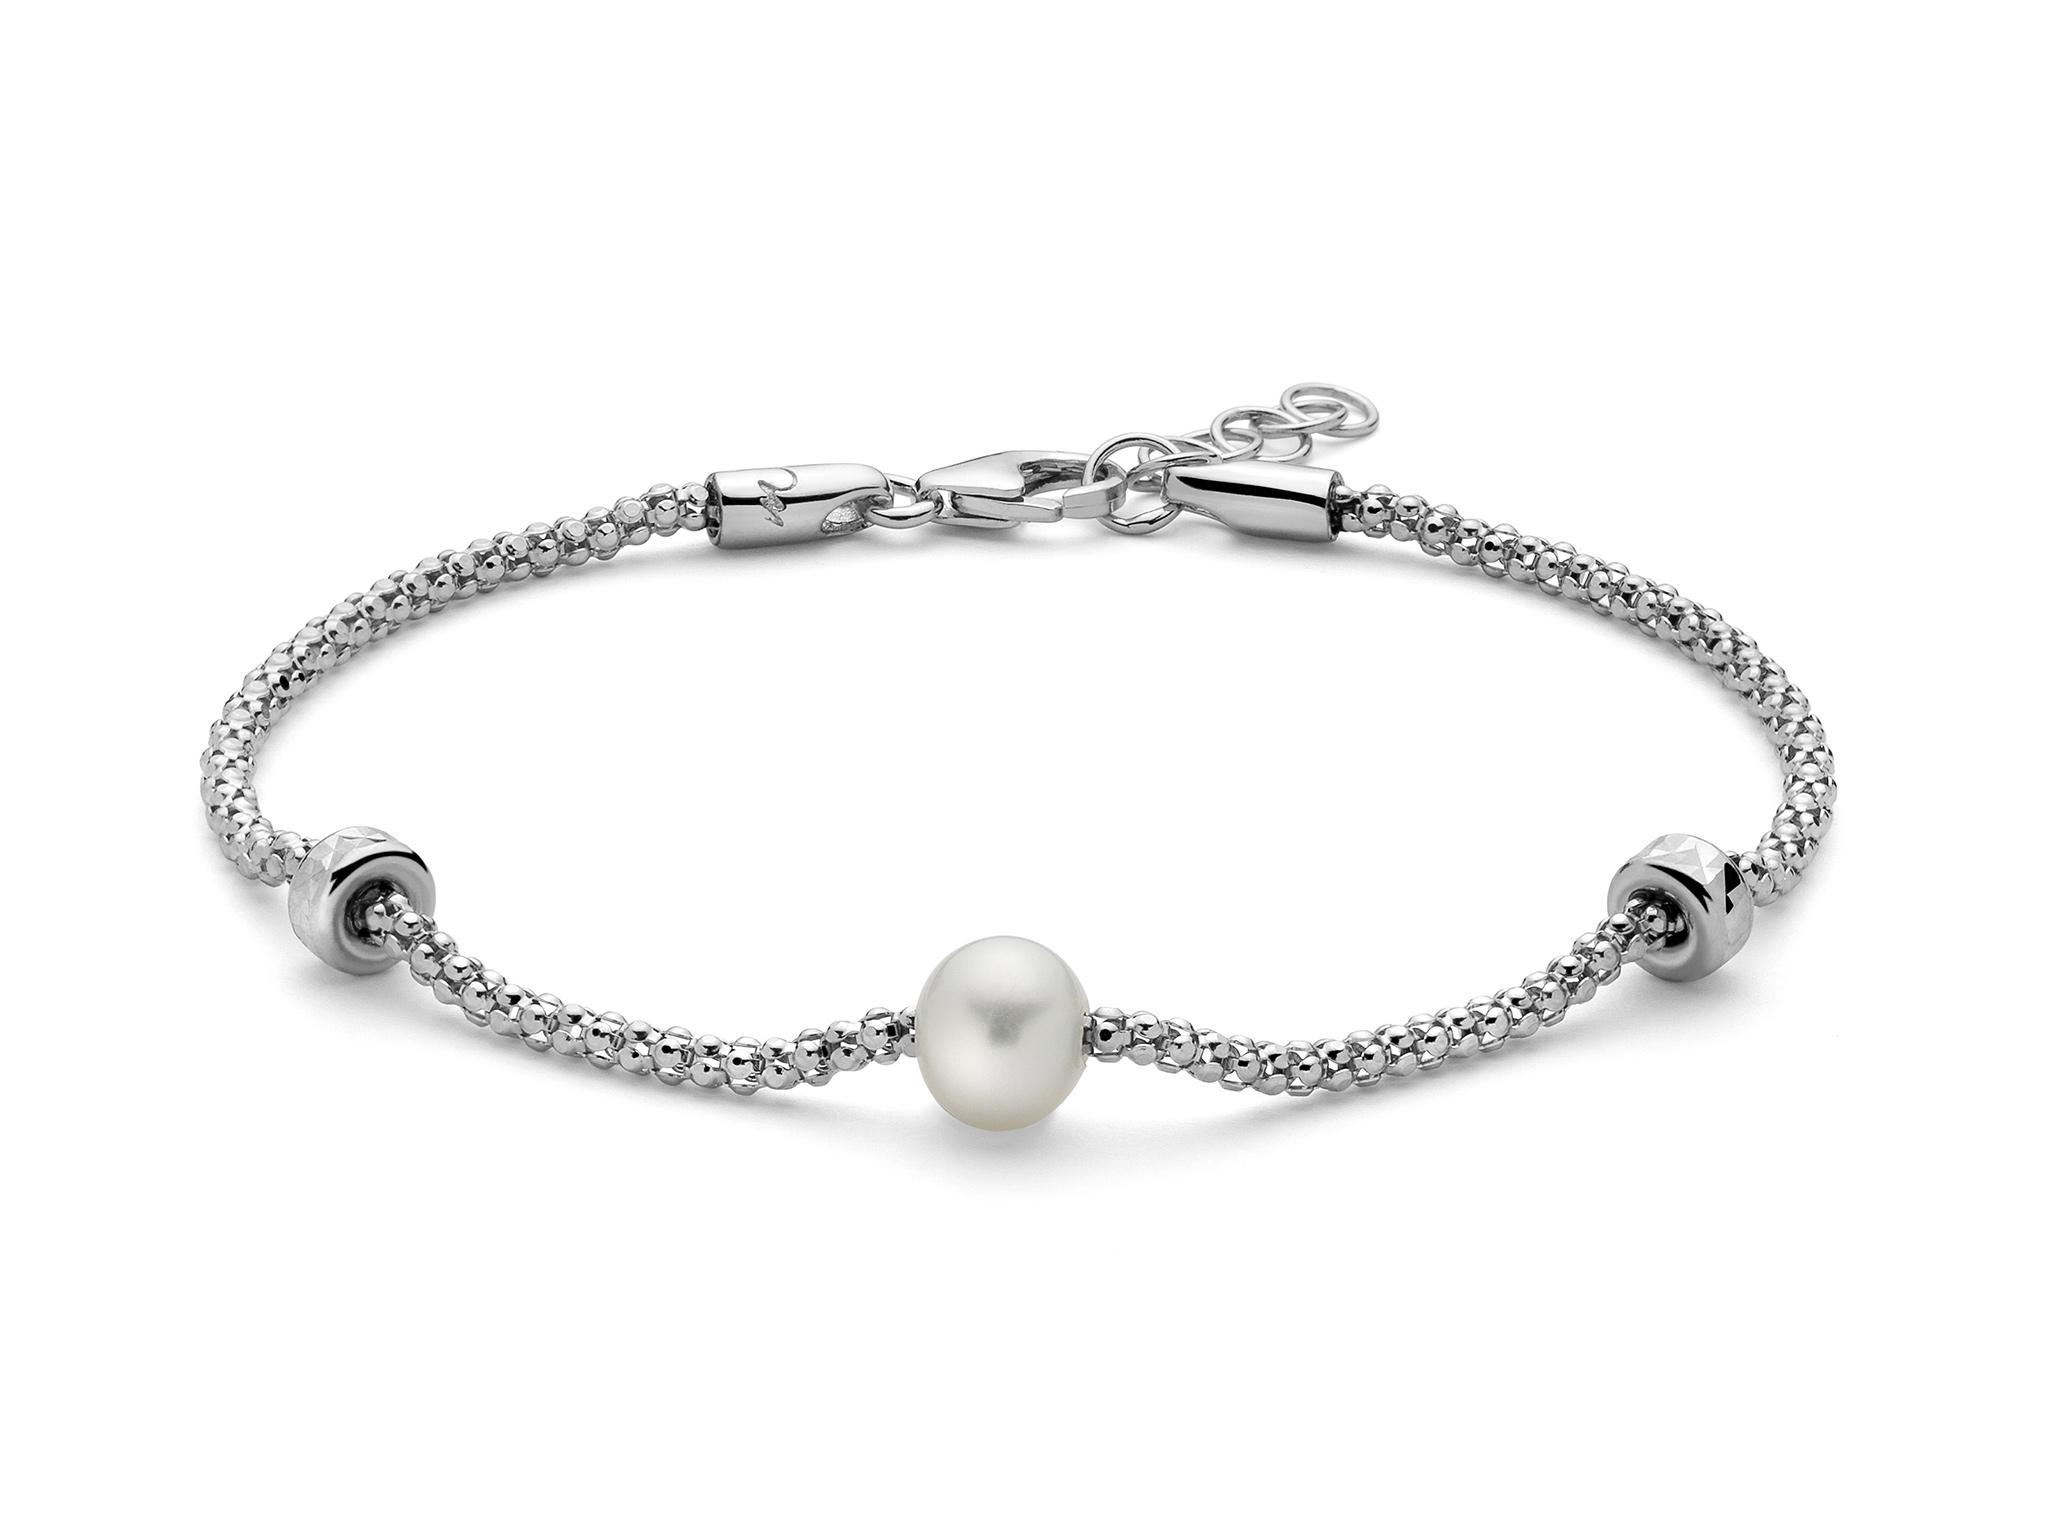 Bracciale con maglia coreana in argento con perla e decori. - PBR2987